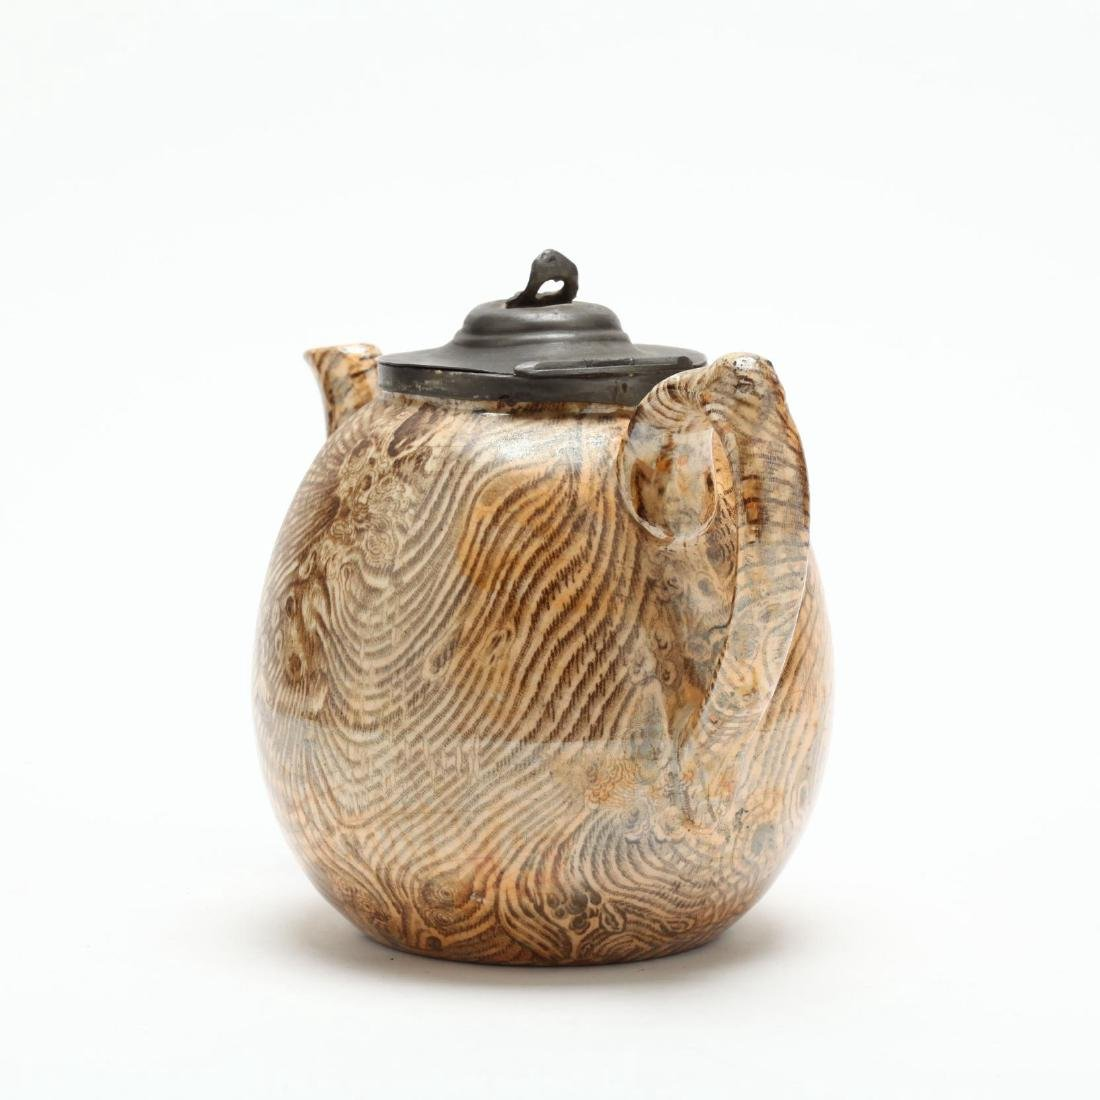 An Antique Faux Bois Staffordshire Teapot - 2